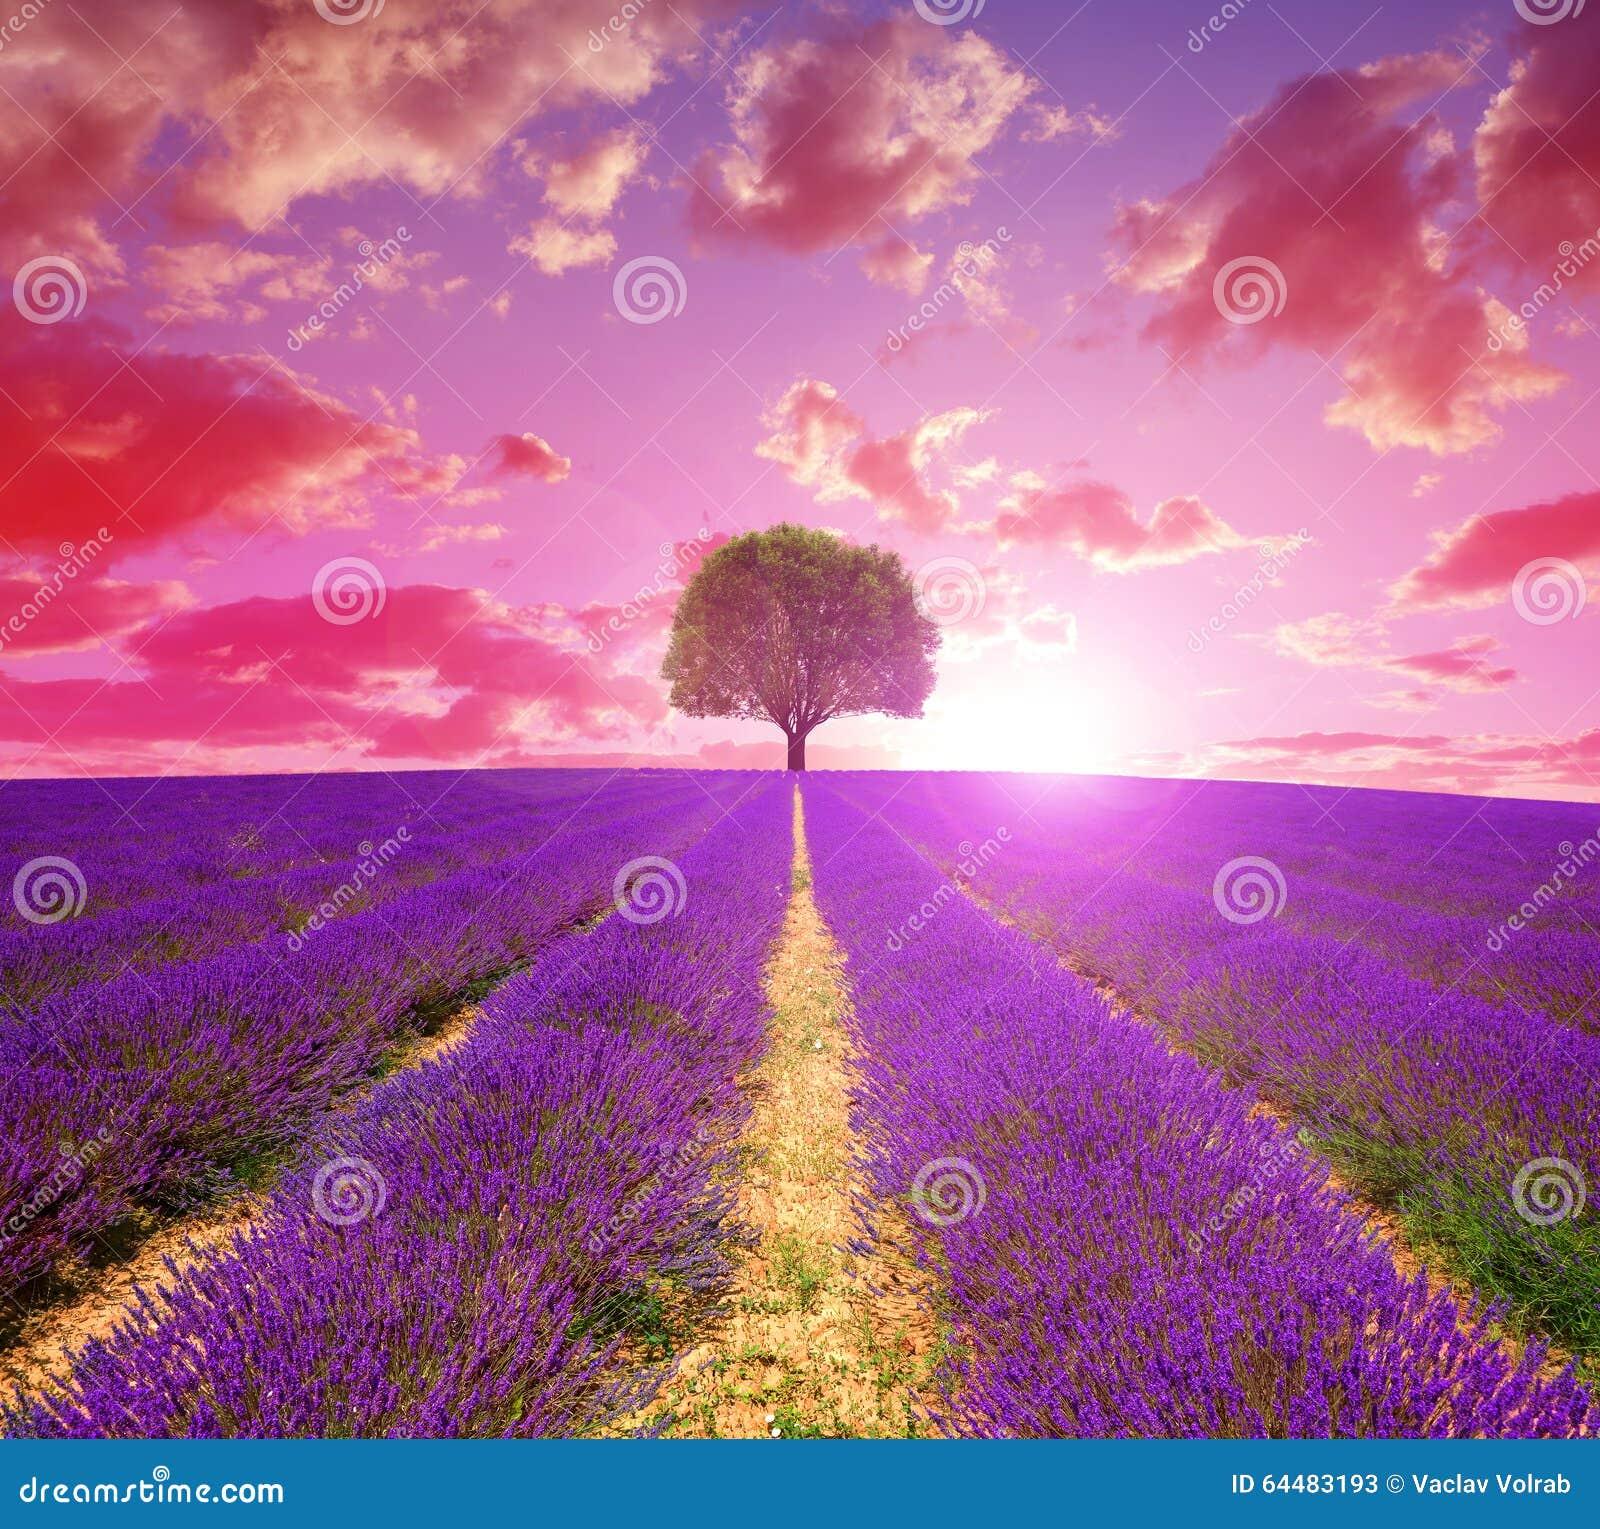 Lavendelfelder in provence bei sonnenuntergang stockfoto for Lavendelfelder provence